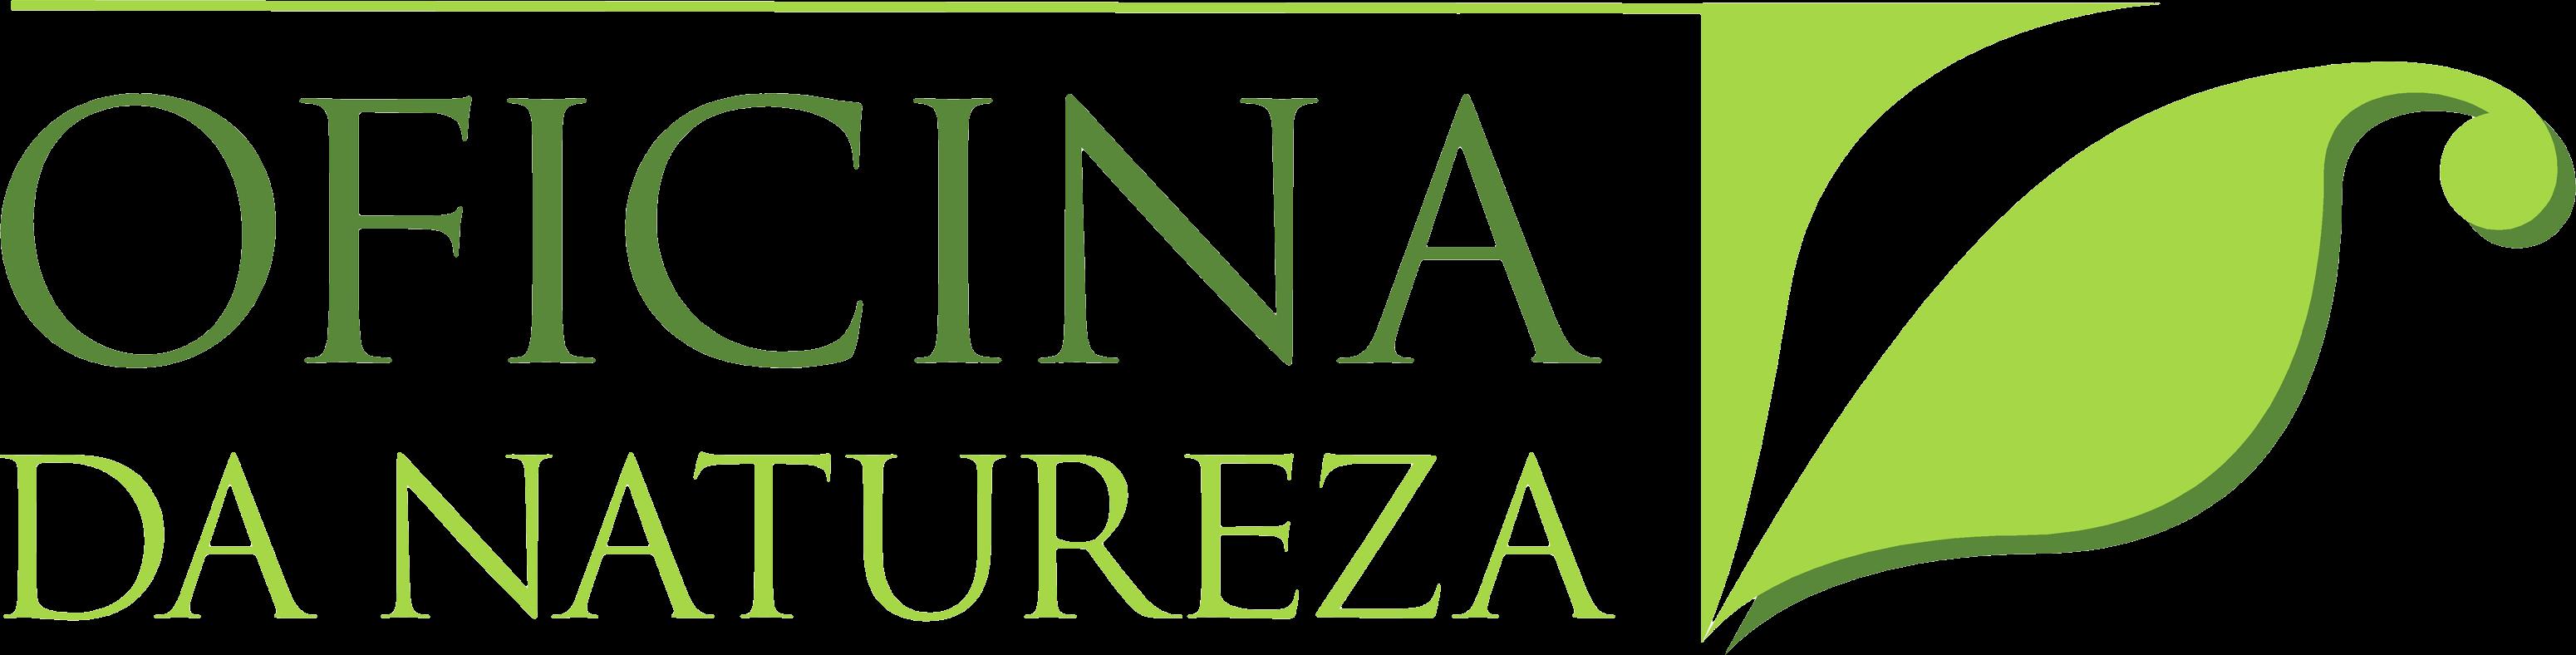 Oficina da Natureza | Atividades no Norte de Portugal